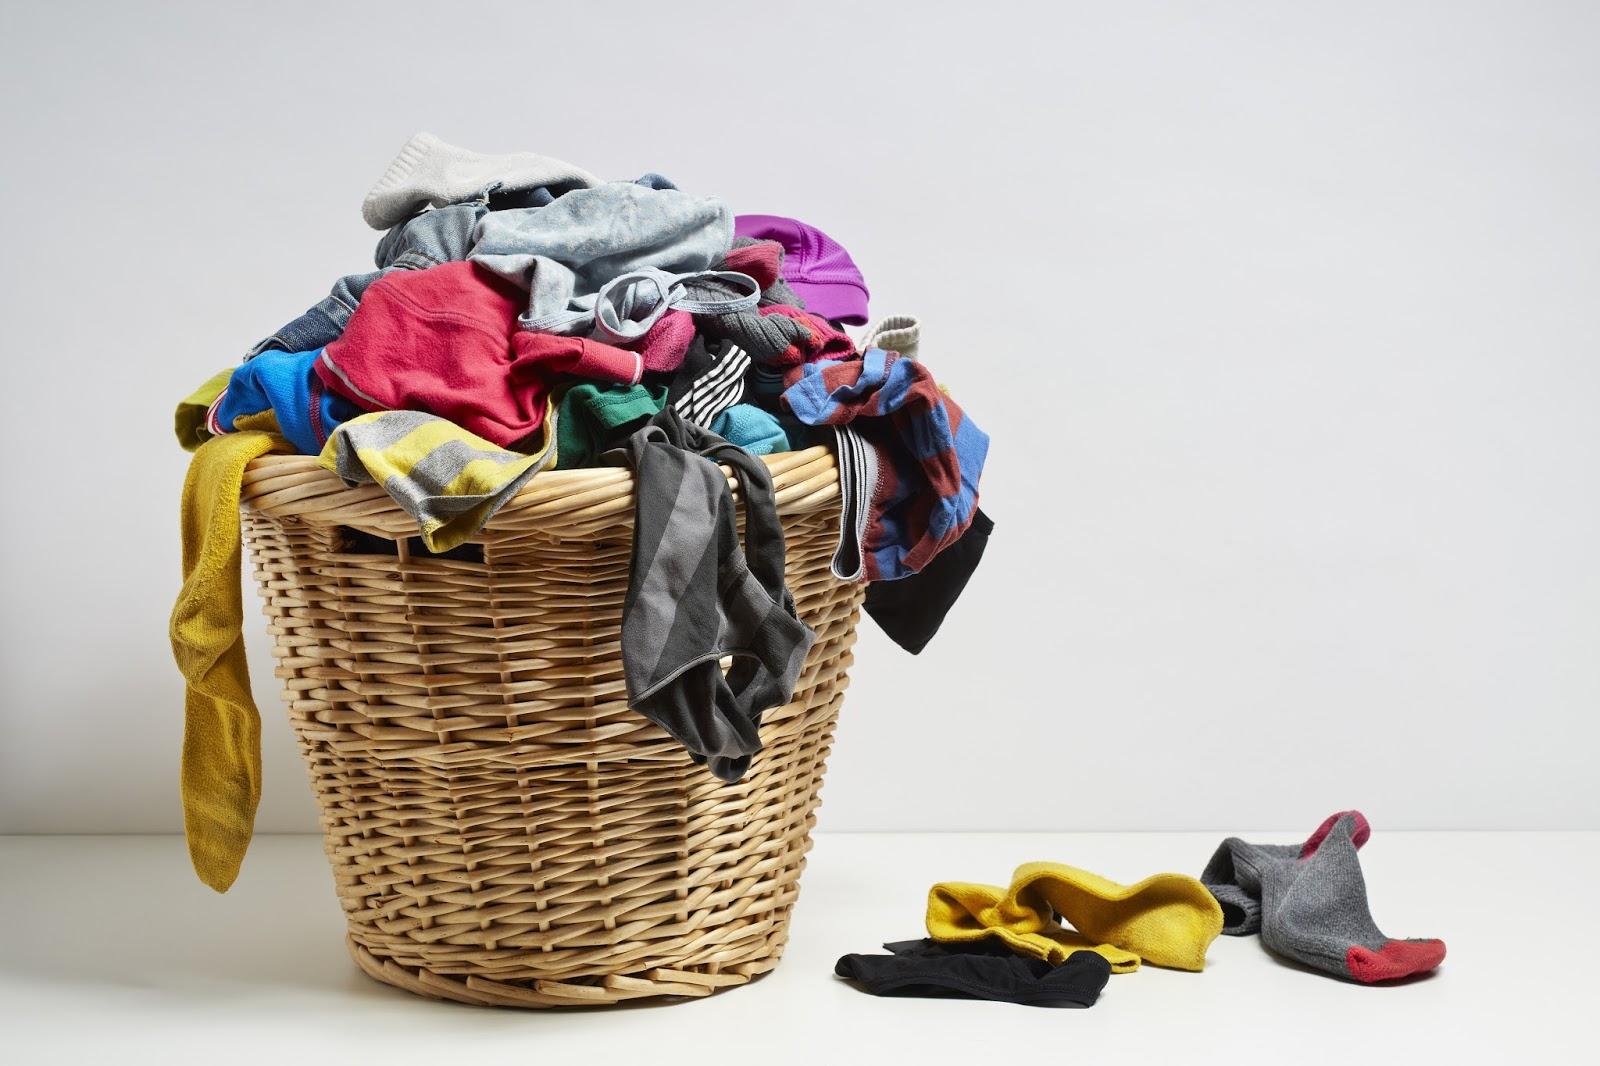 cách giặt đồ lót